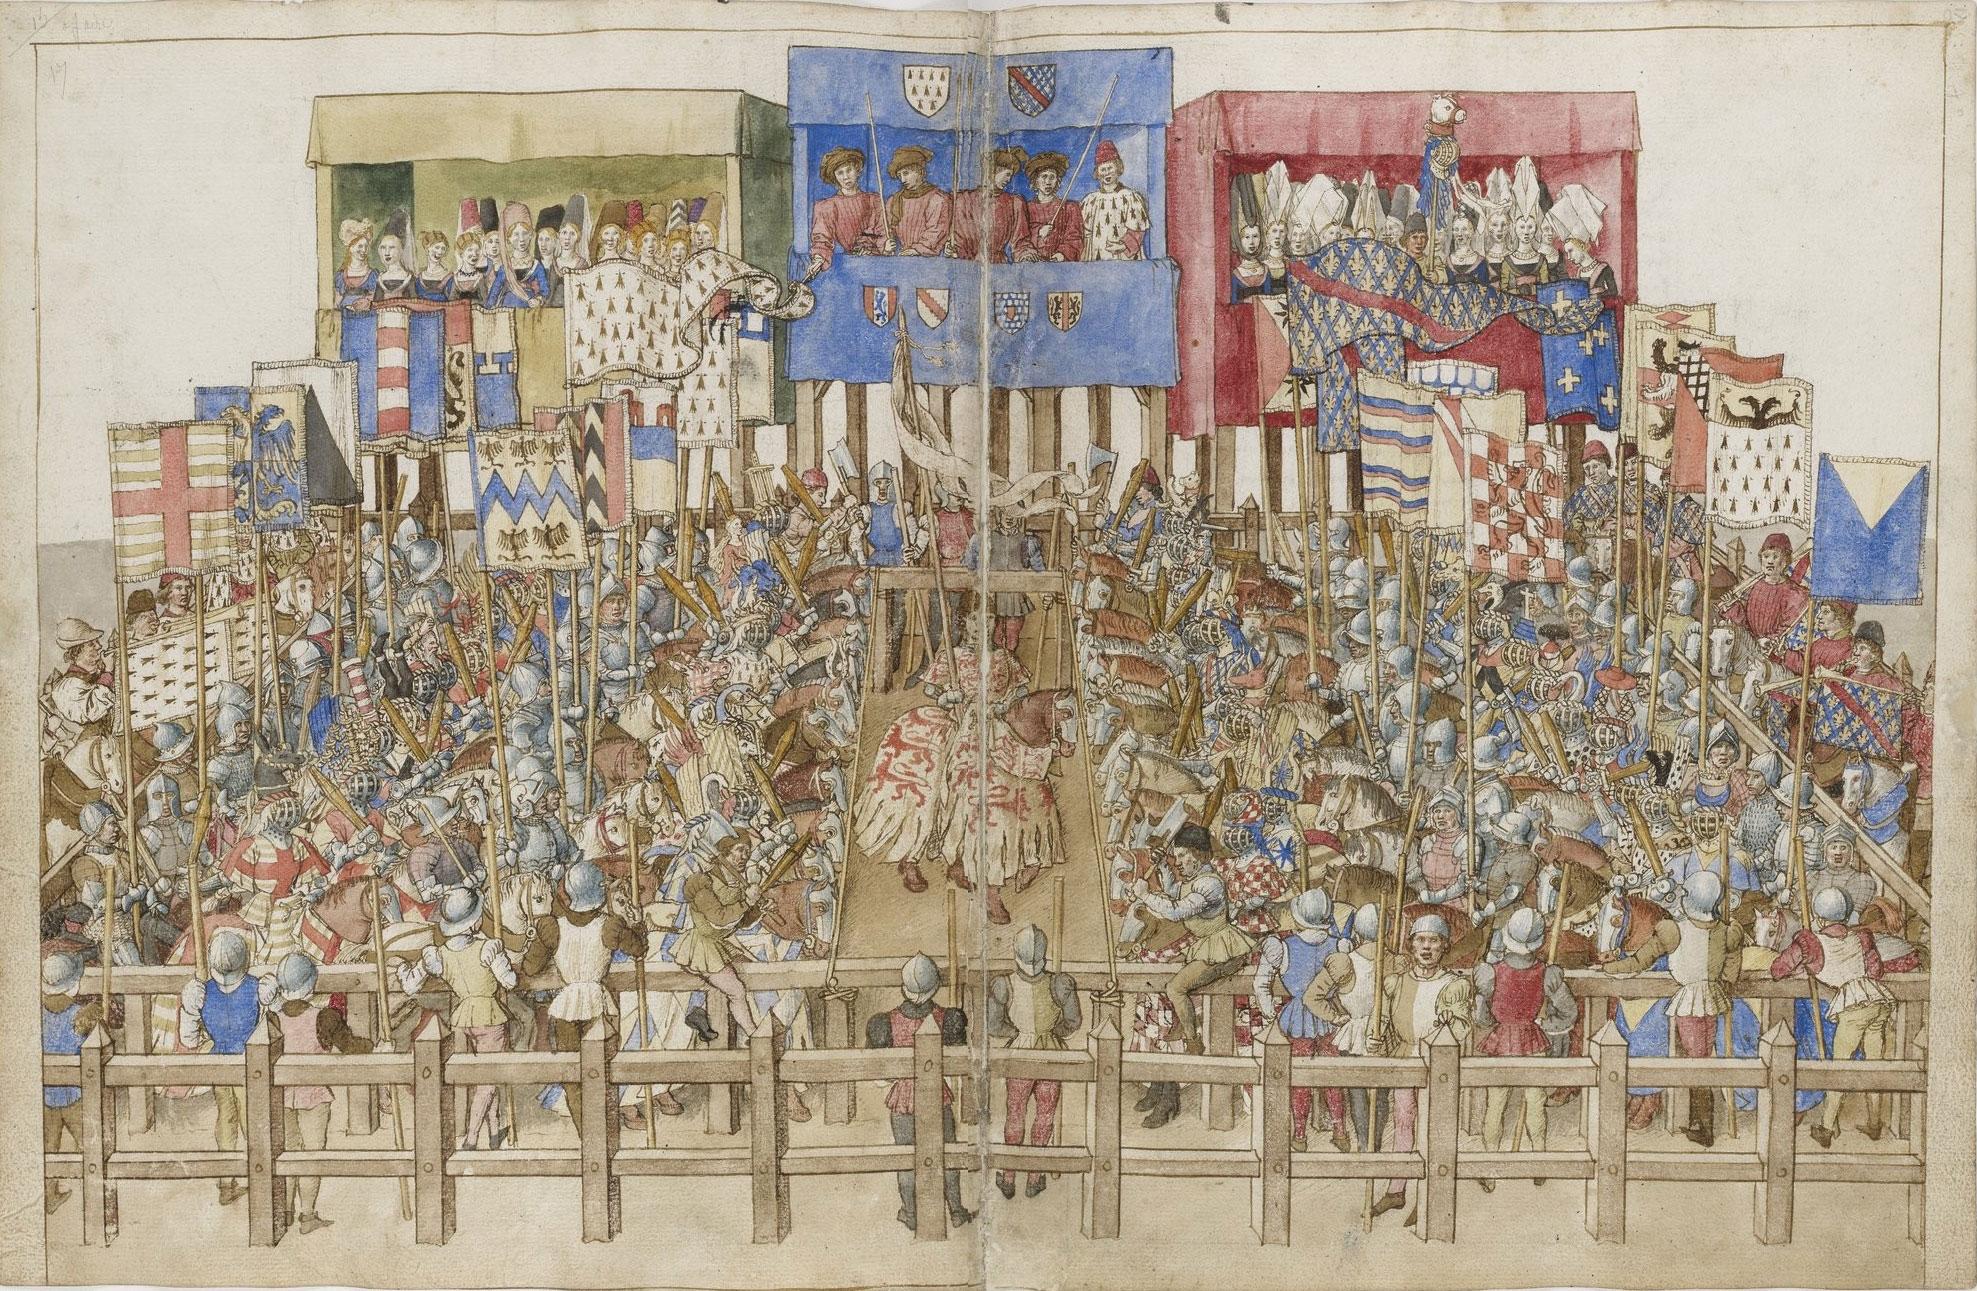 図2.トゥルノワの光景(15世紀頃)  Anjou, Traité de la forme et devis comme on peut faire les tournois. 1401-1500. (BNF Gallica)